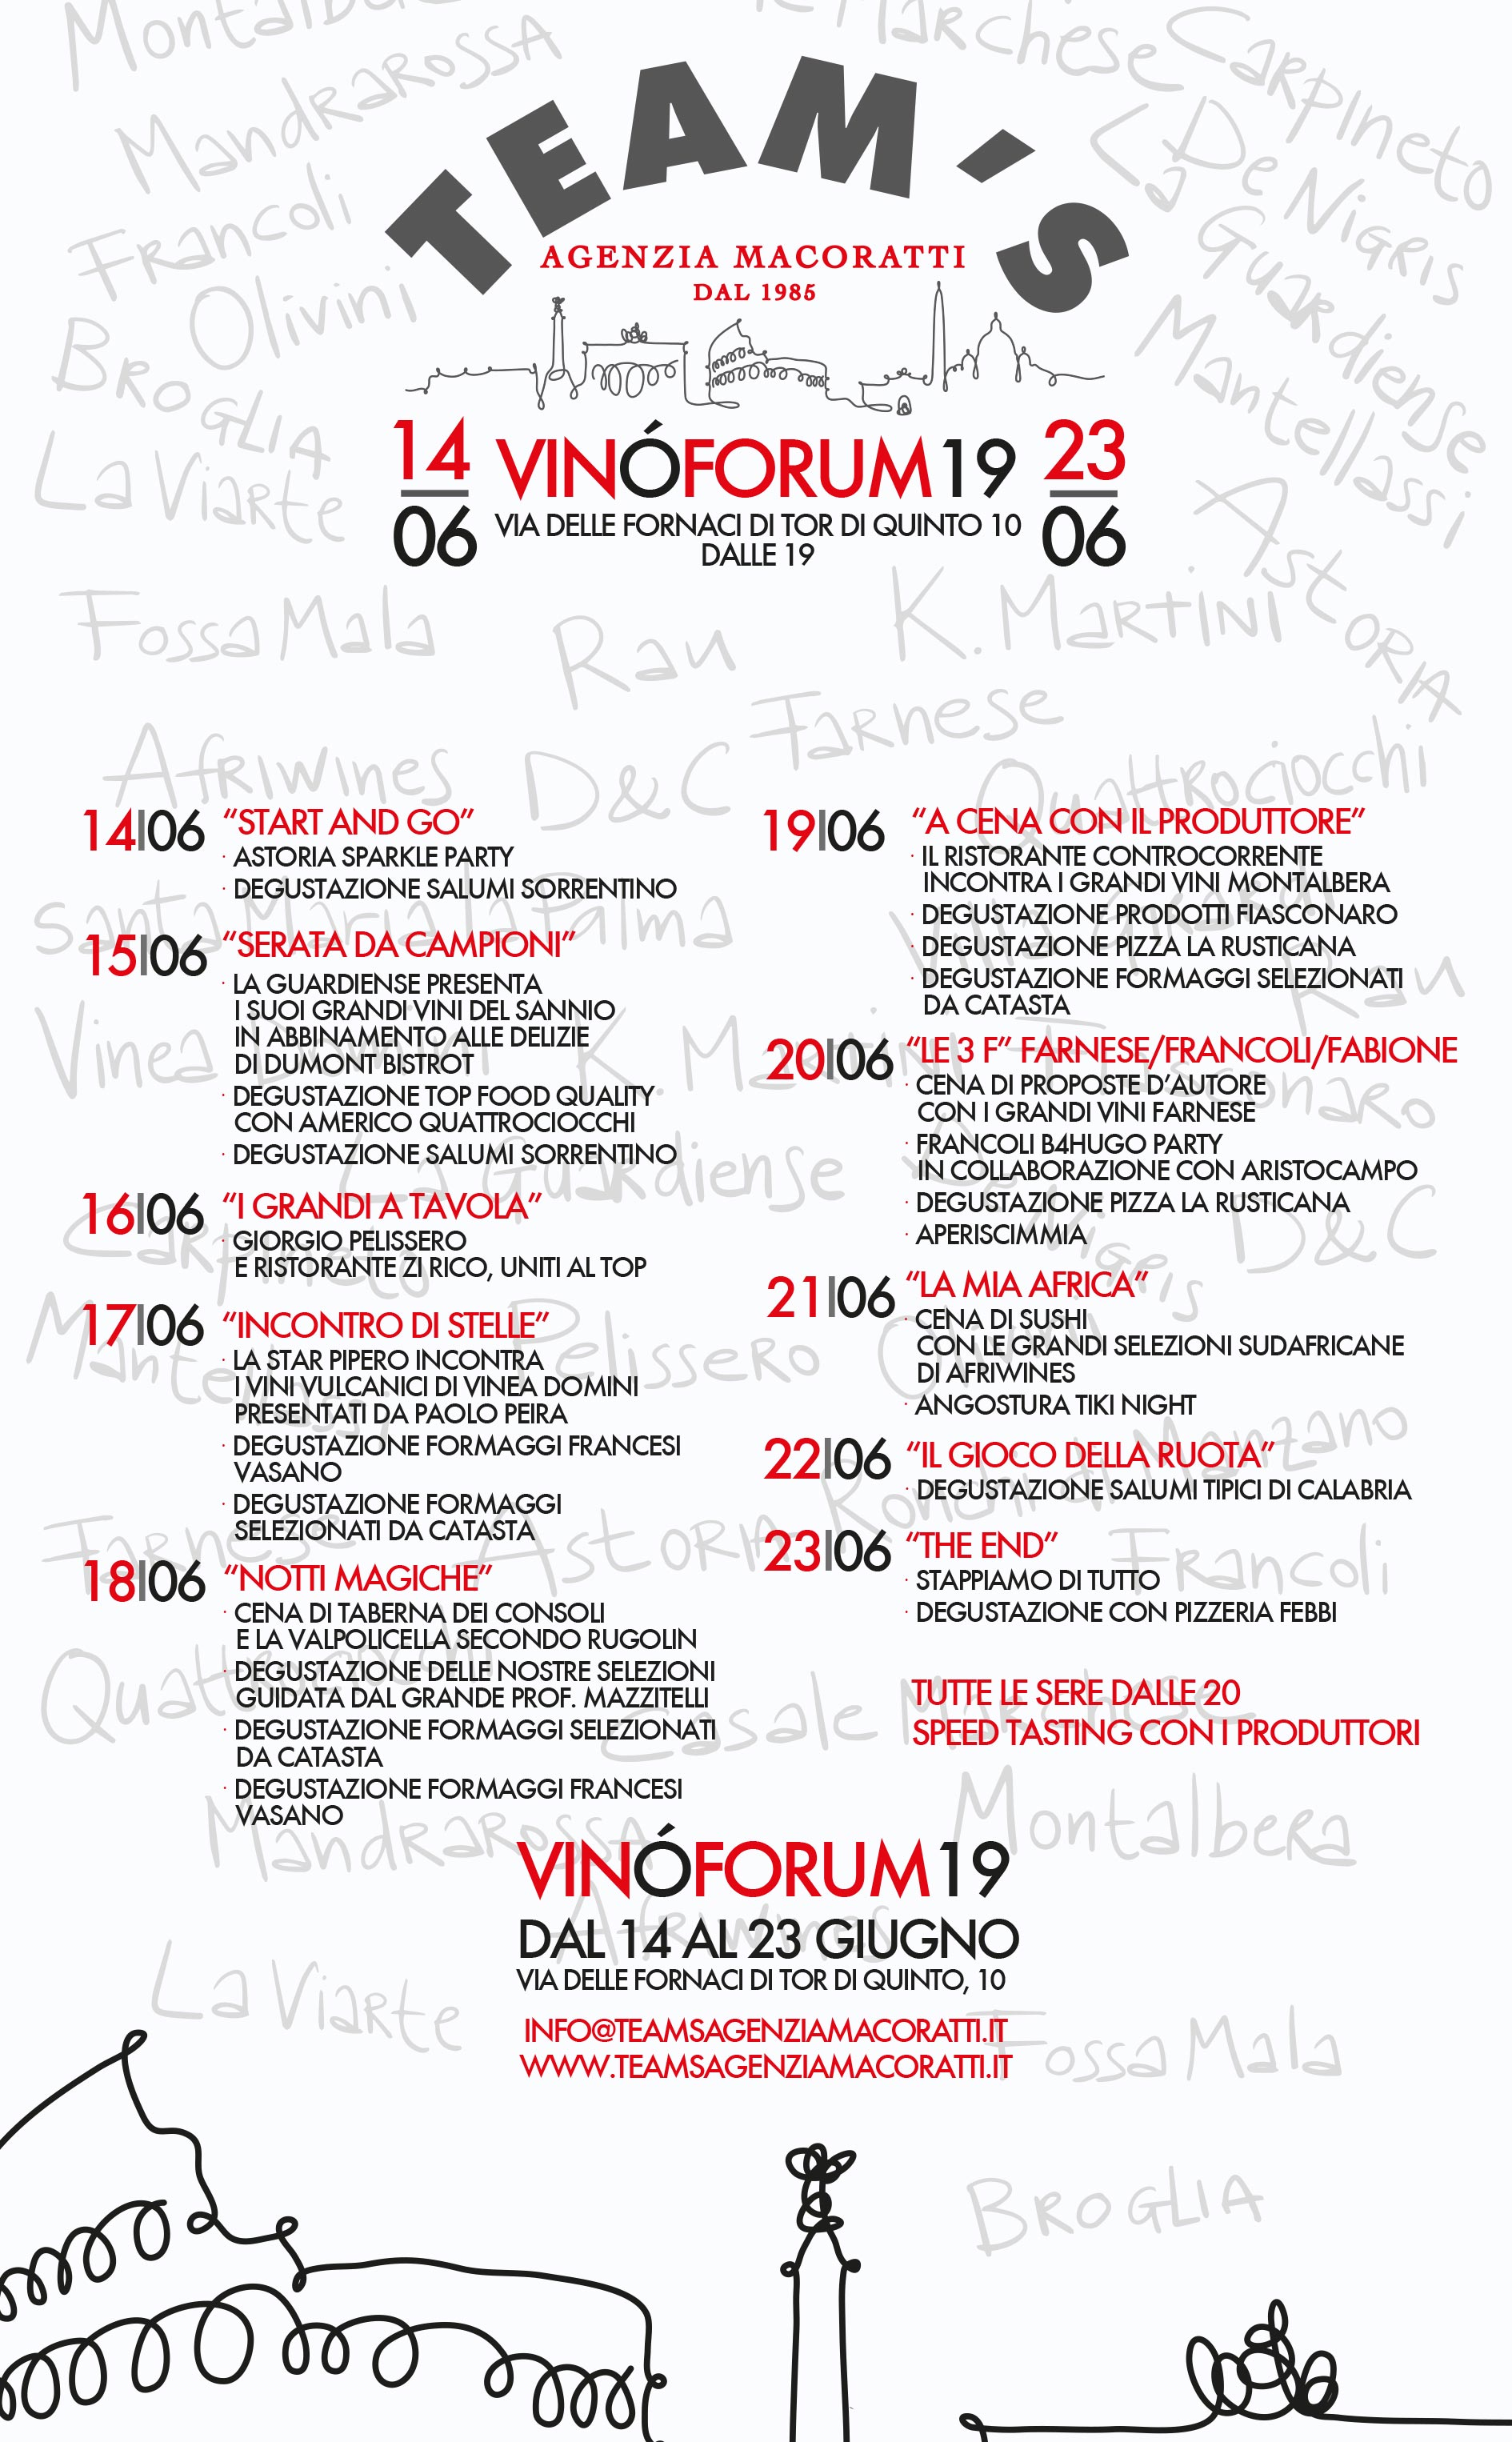 vinoforum 2019